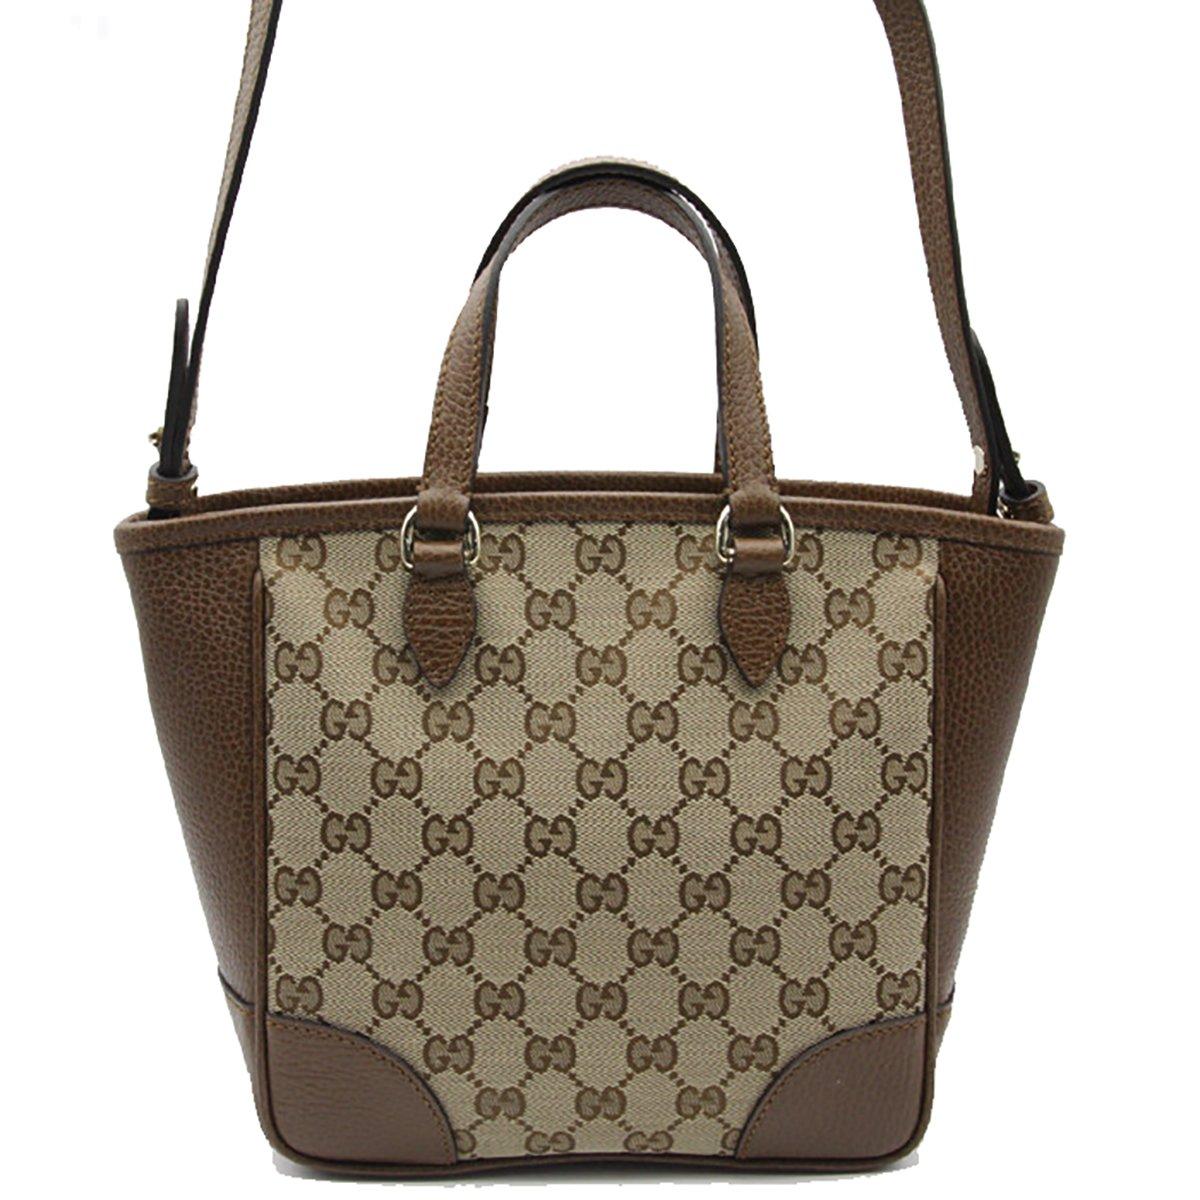 2821820e5f2 Gucci Bree Small GG Canvas Tote Bag Nocciola Brown New Bag  Amazon.ca   Shoes   Handbags